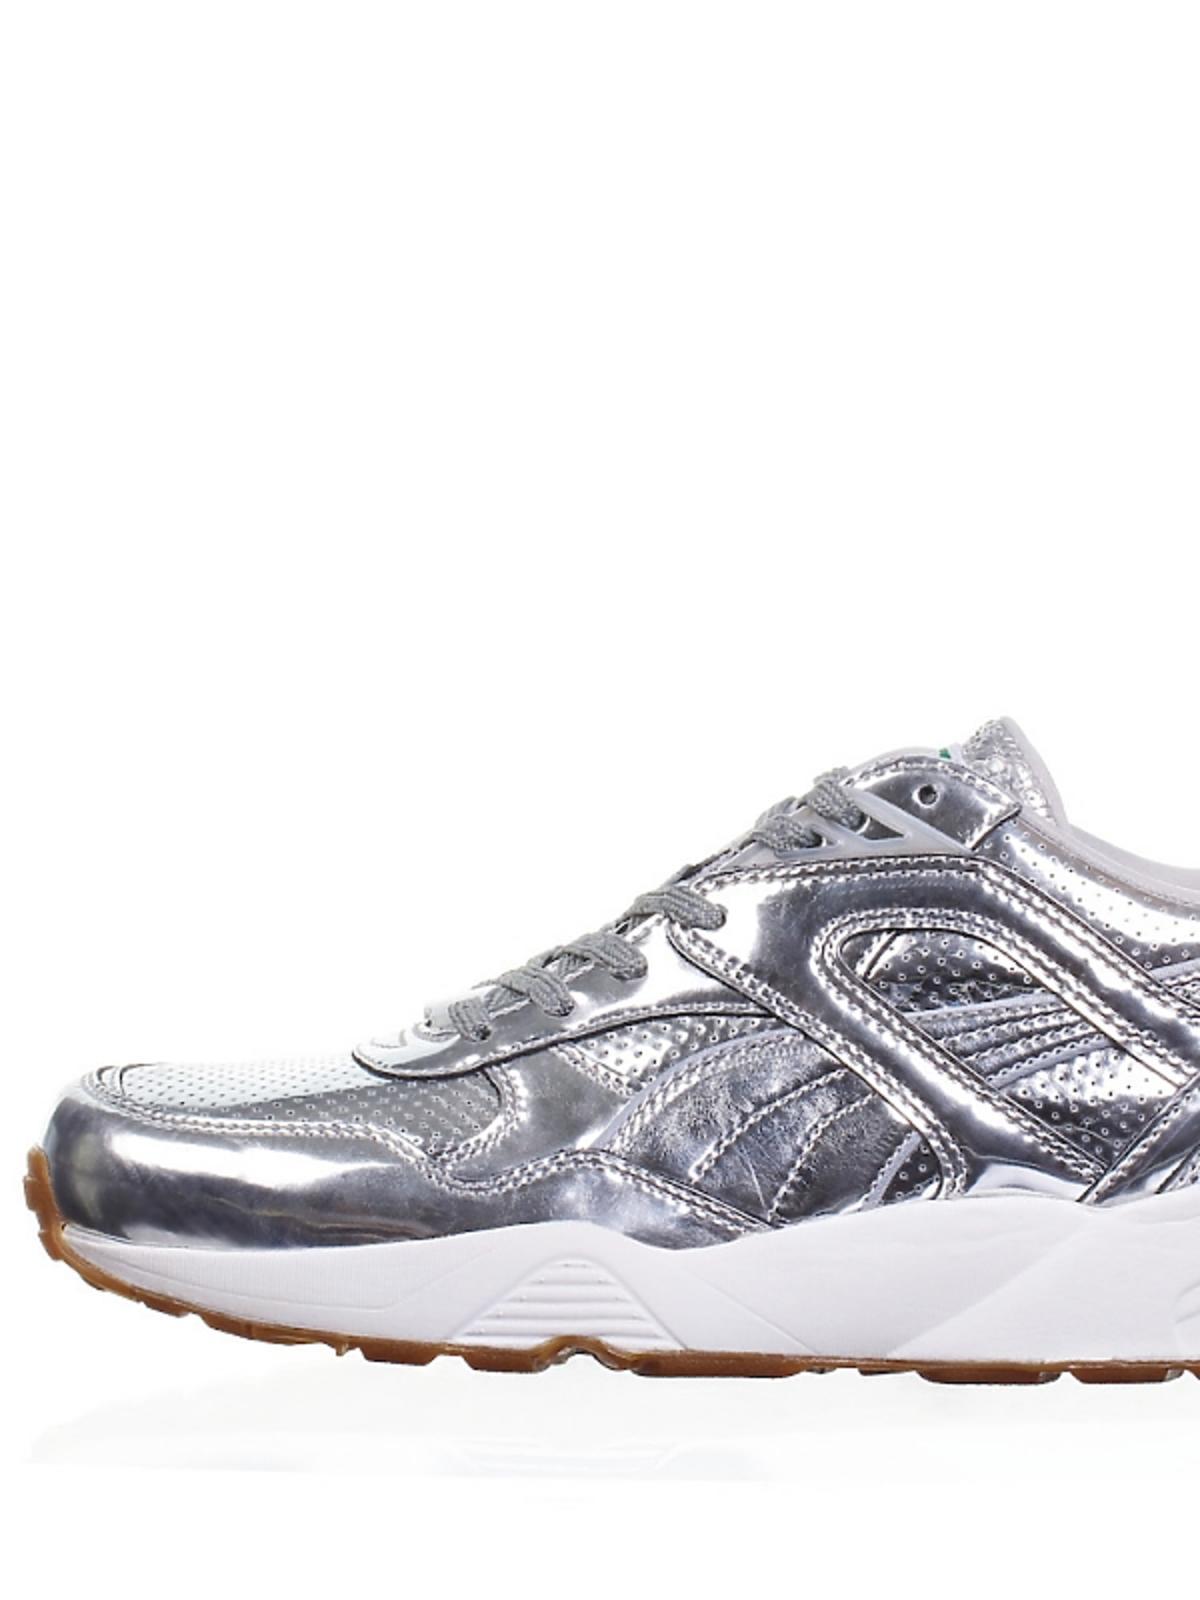 metliczne buty sportowe w srebrnym kolorze na białej podeszwie